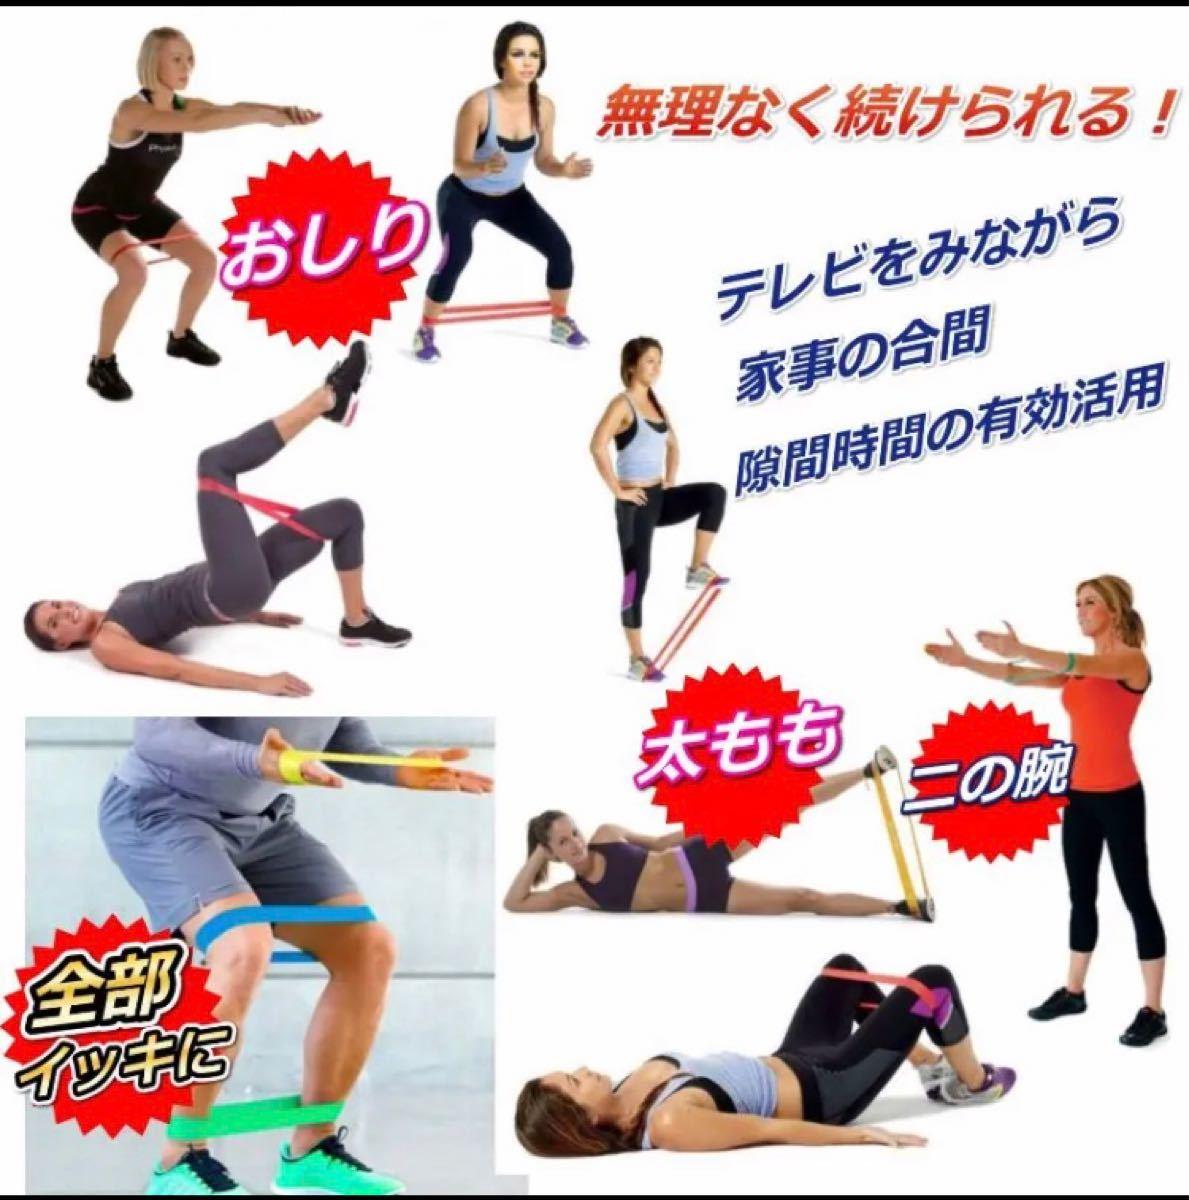 トレーニング チューブ エクササイズバンド 筋トレ ダイエット 体幹ゴムバンド